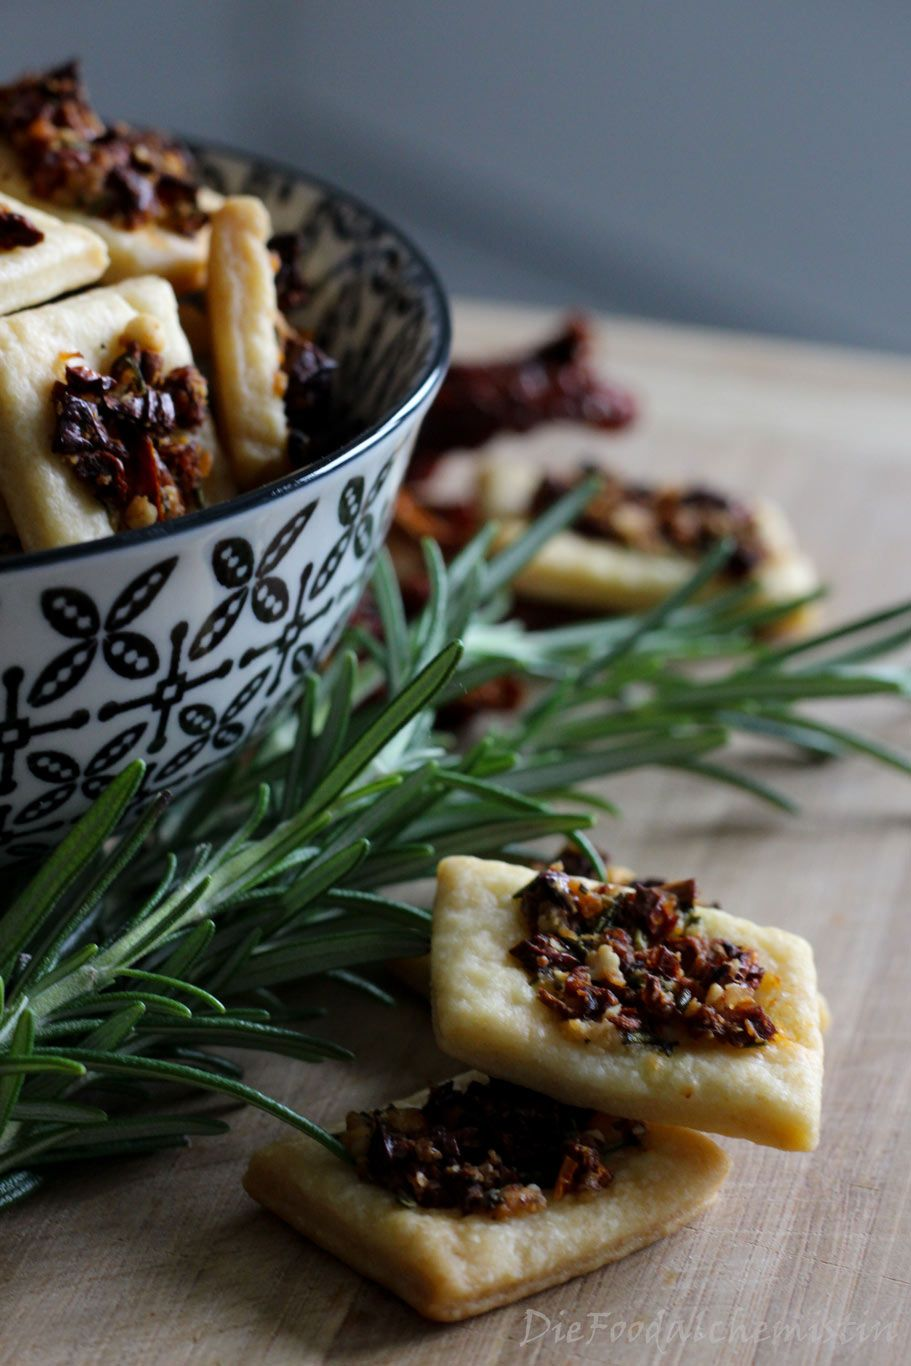 Gesunde Mediterrane Küche Rezepte | Mediterrane Cracker Mediterran Brunchrezepte Und Suss